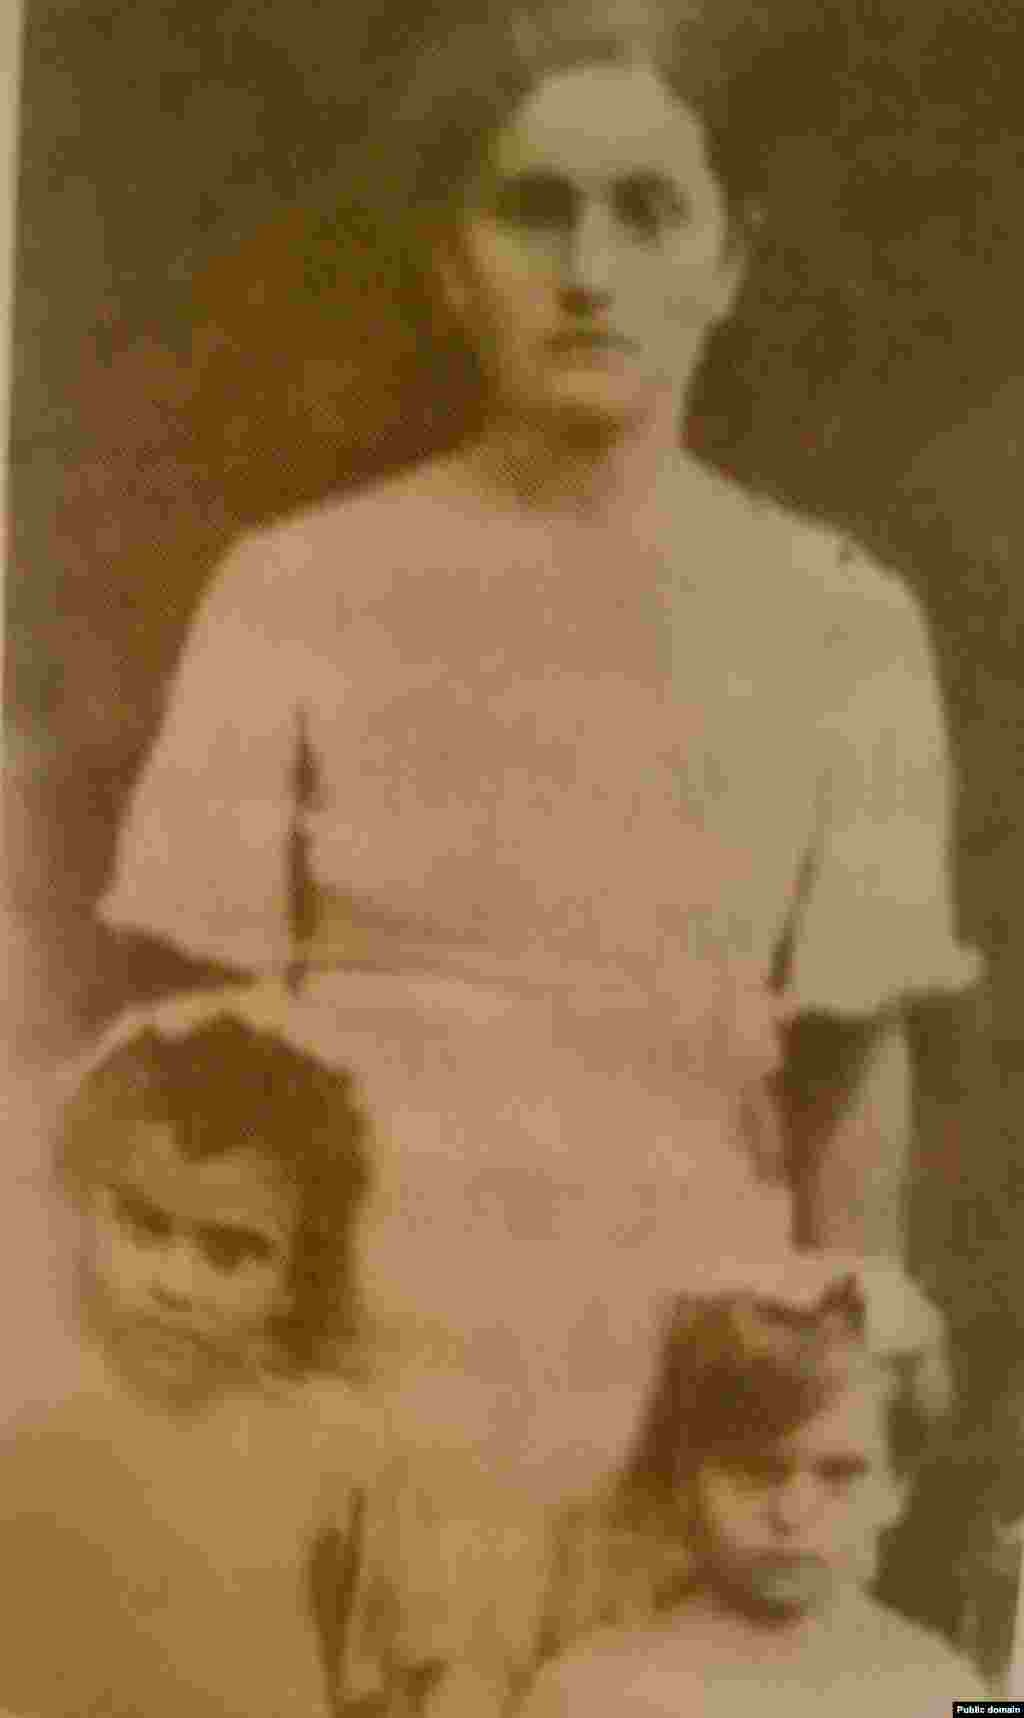 На фото –Зеліха Пашаєва з дітьми 1939 року. Її мати розстріляли німці 1942 року за зв'язок із партизанами, а чоловік загинув на війні 1943 року. Незабаром після смерті чоловіка Зеліху разом із батьком і дітьми депортували до Узбекистану. Їх поселили в брудну землянку без вікон, і погнали на роботу на будівництво. Люди стали вмирати від нестерпної спеки, голоду і брудної води